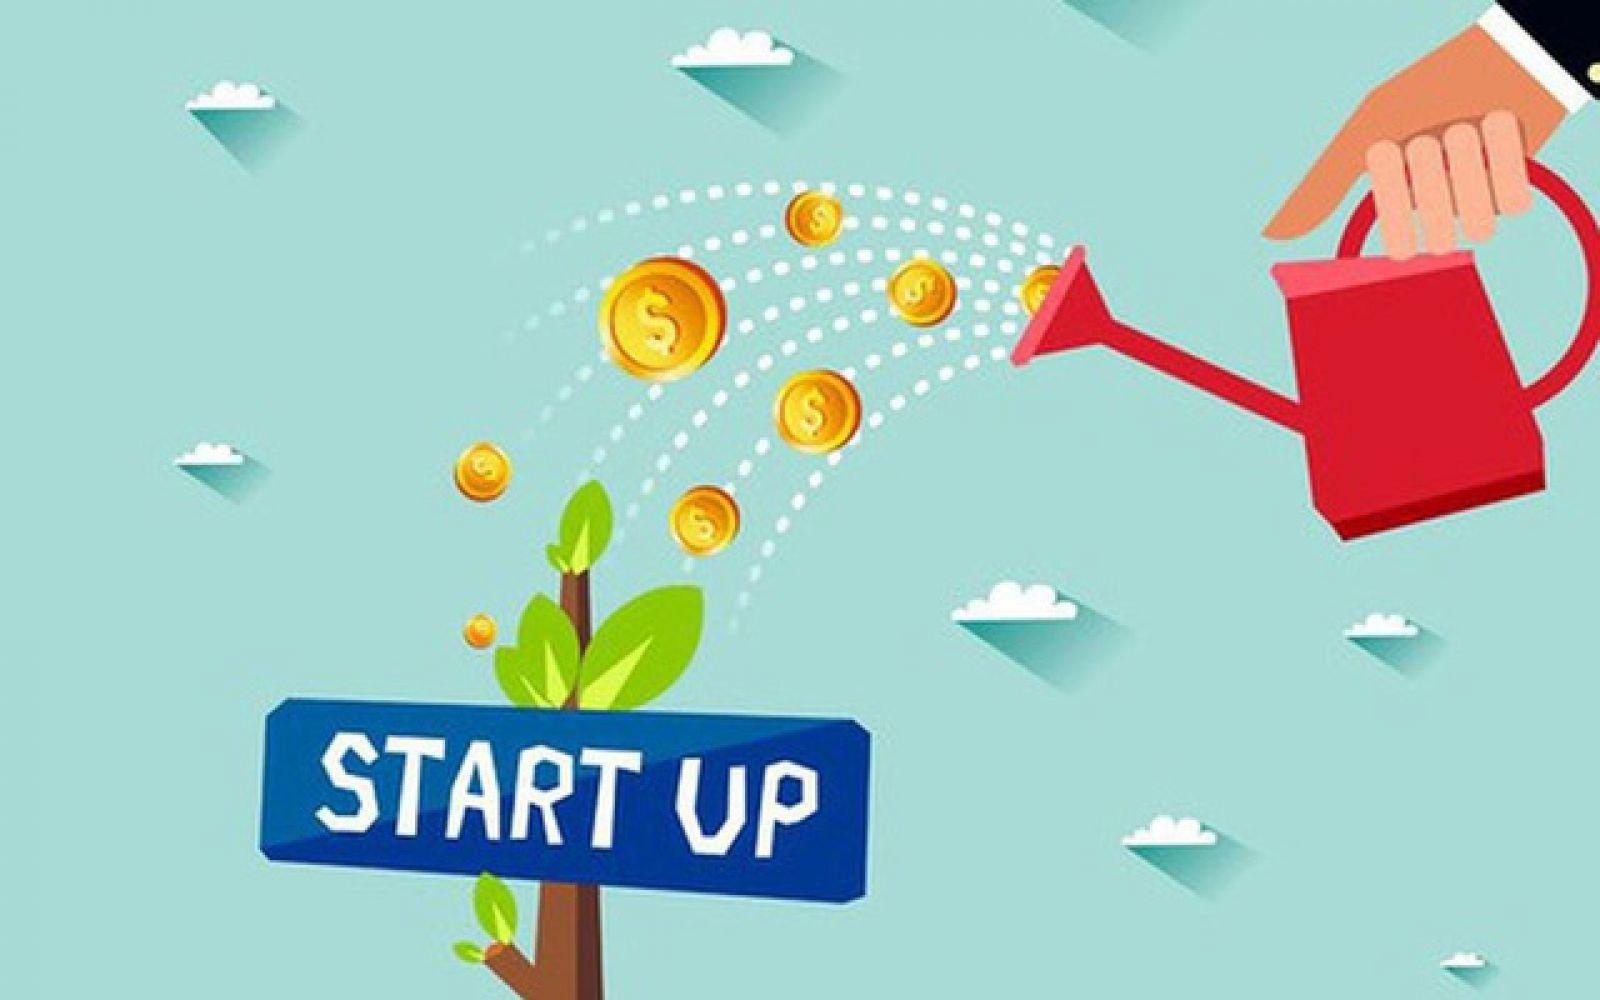 Doanh nghiệp nhỏ và vừa khởi nghiệp được hỗ trợ vay vốn